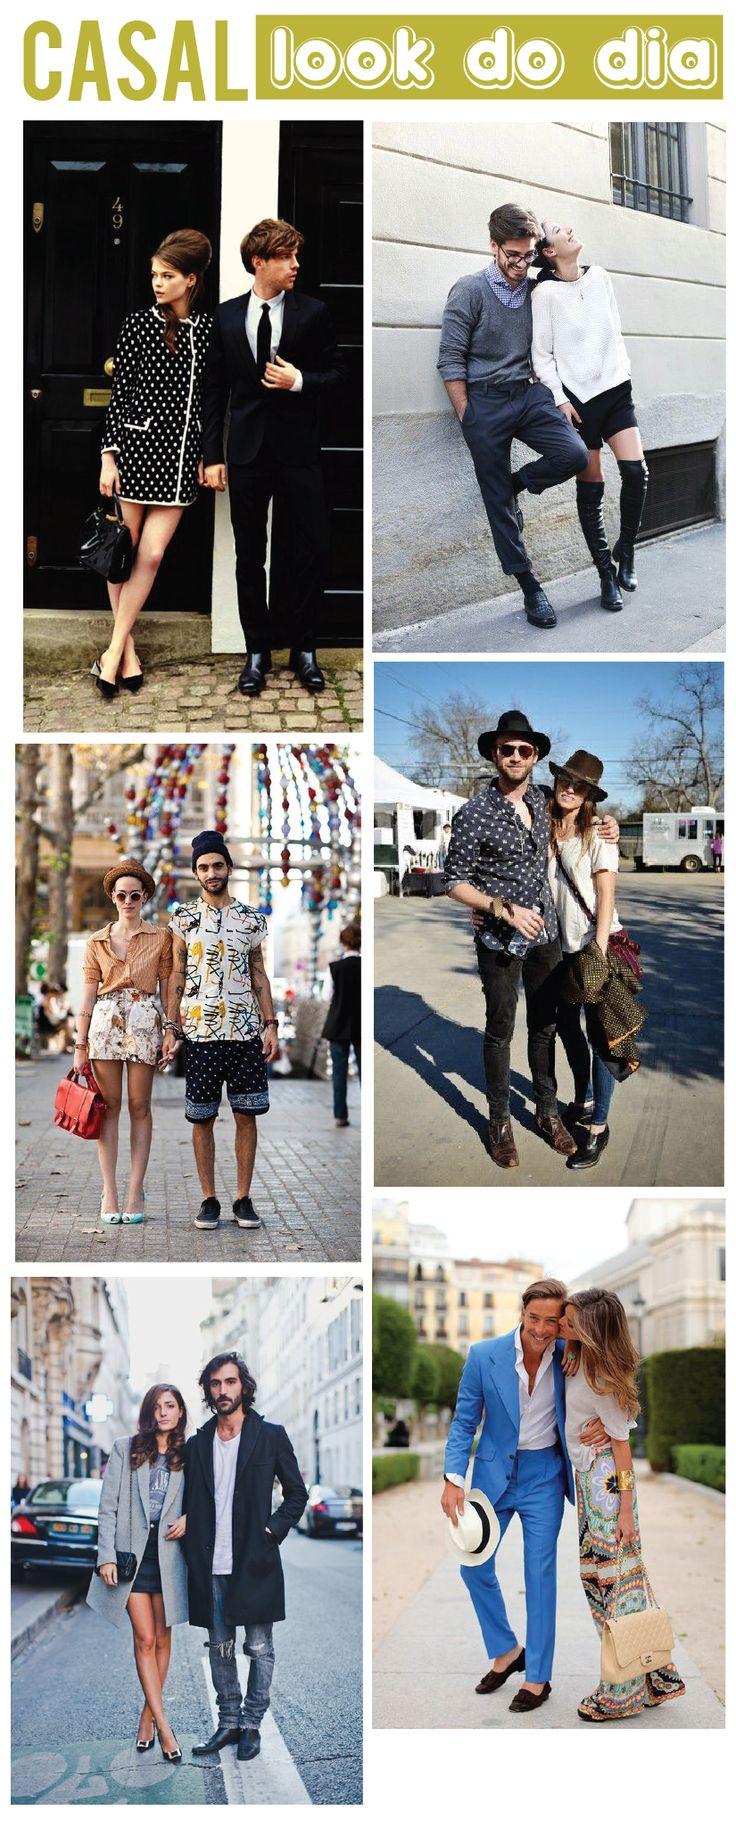 casal-casais-couple-amor-romance-paixão-casal-fashion-estiloso-roupas-look-do-dia-como-tirar-foto-com-o-namorado-marido-fotografia-estilo-tumblr-ricos-lindo-inspiração-eu-sem-qualidades-blog